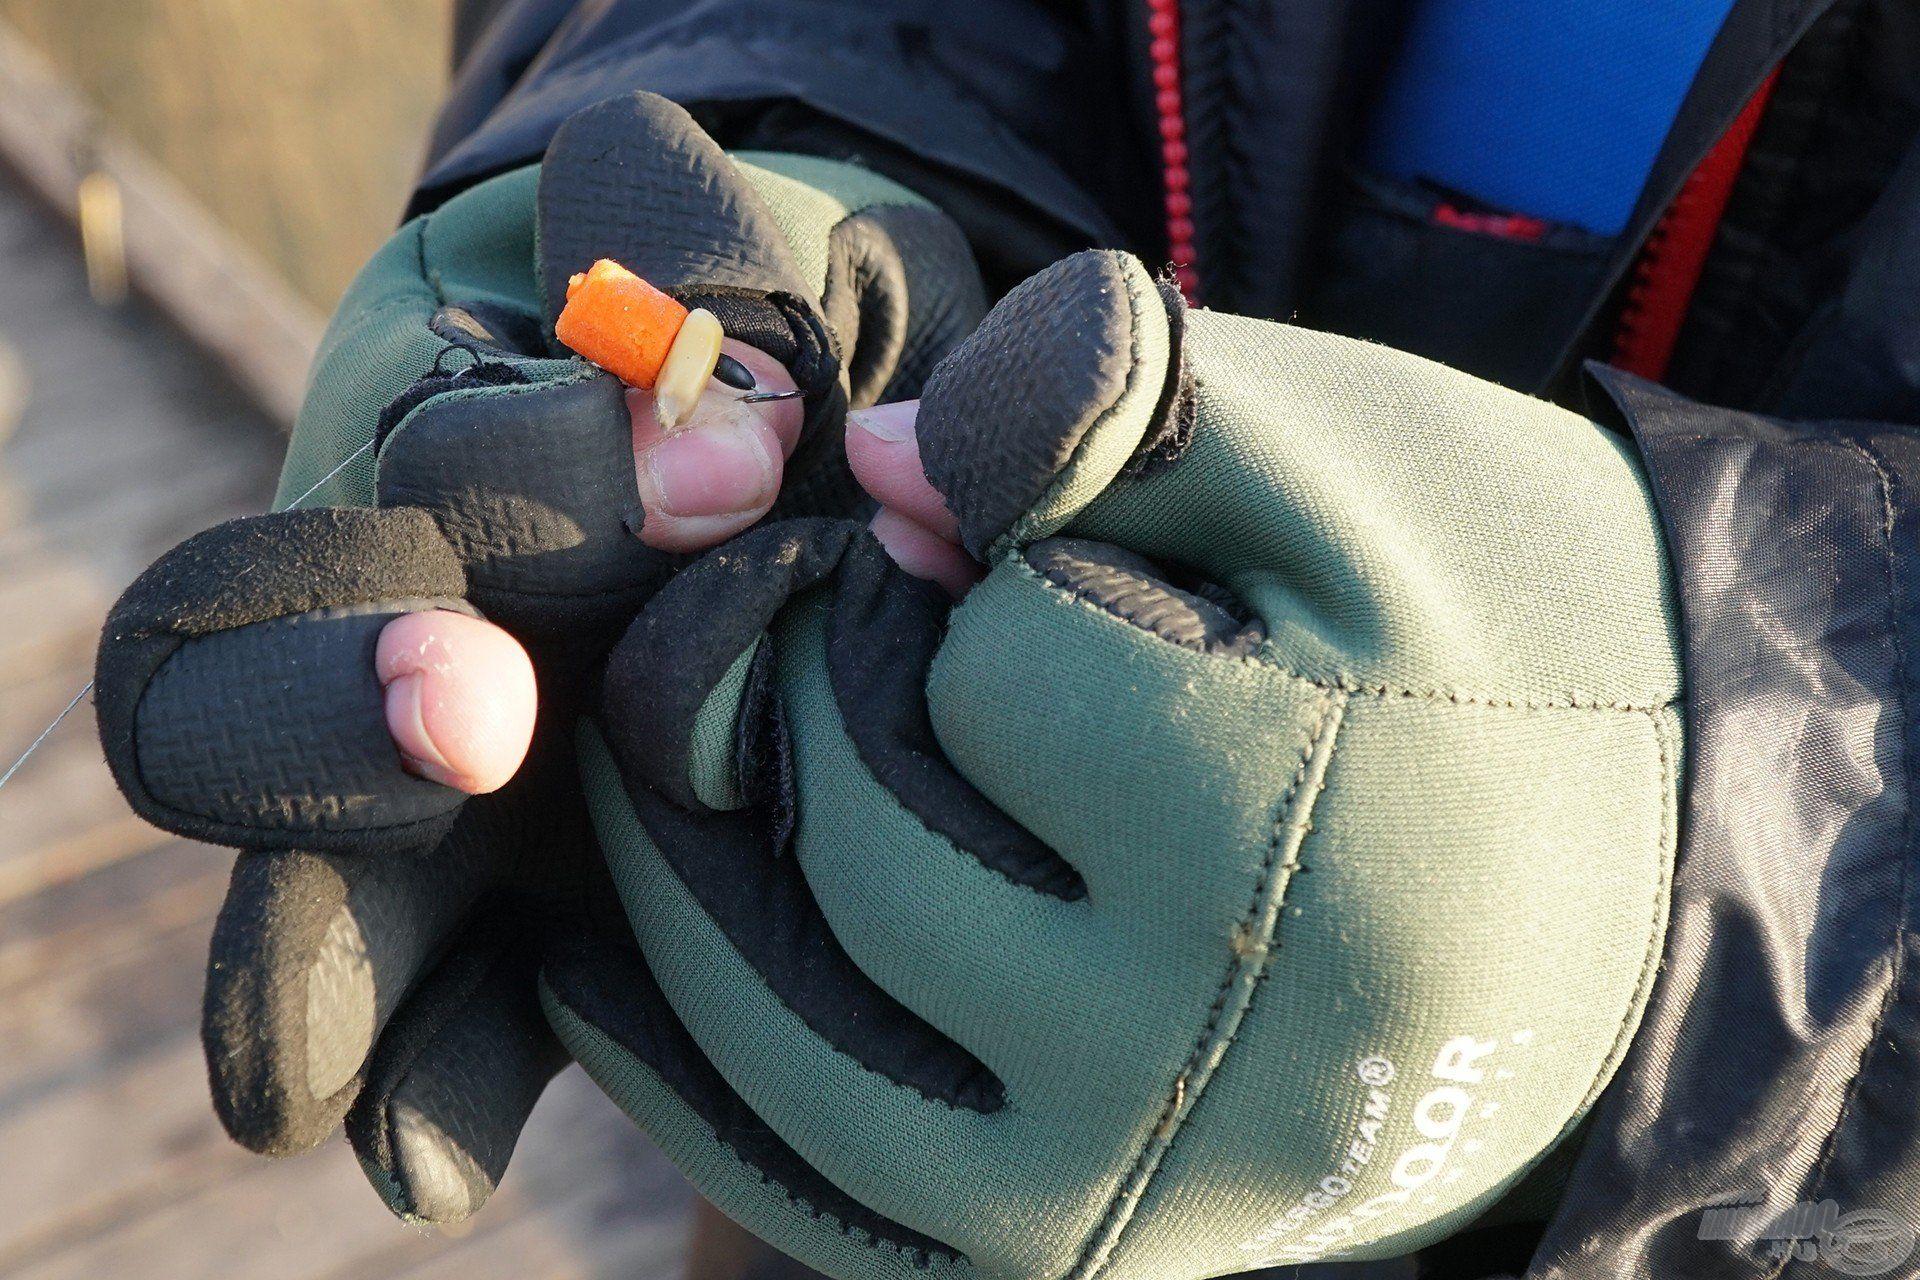 Praktikus kialakításának köszönhetően a csalizás is gyerekjáték a viselése közben